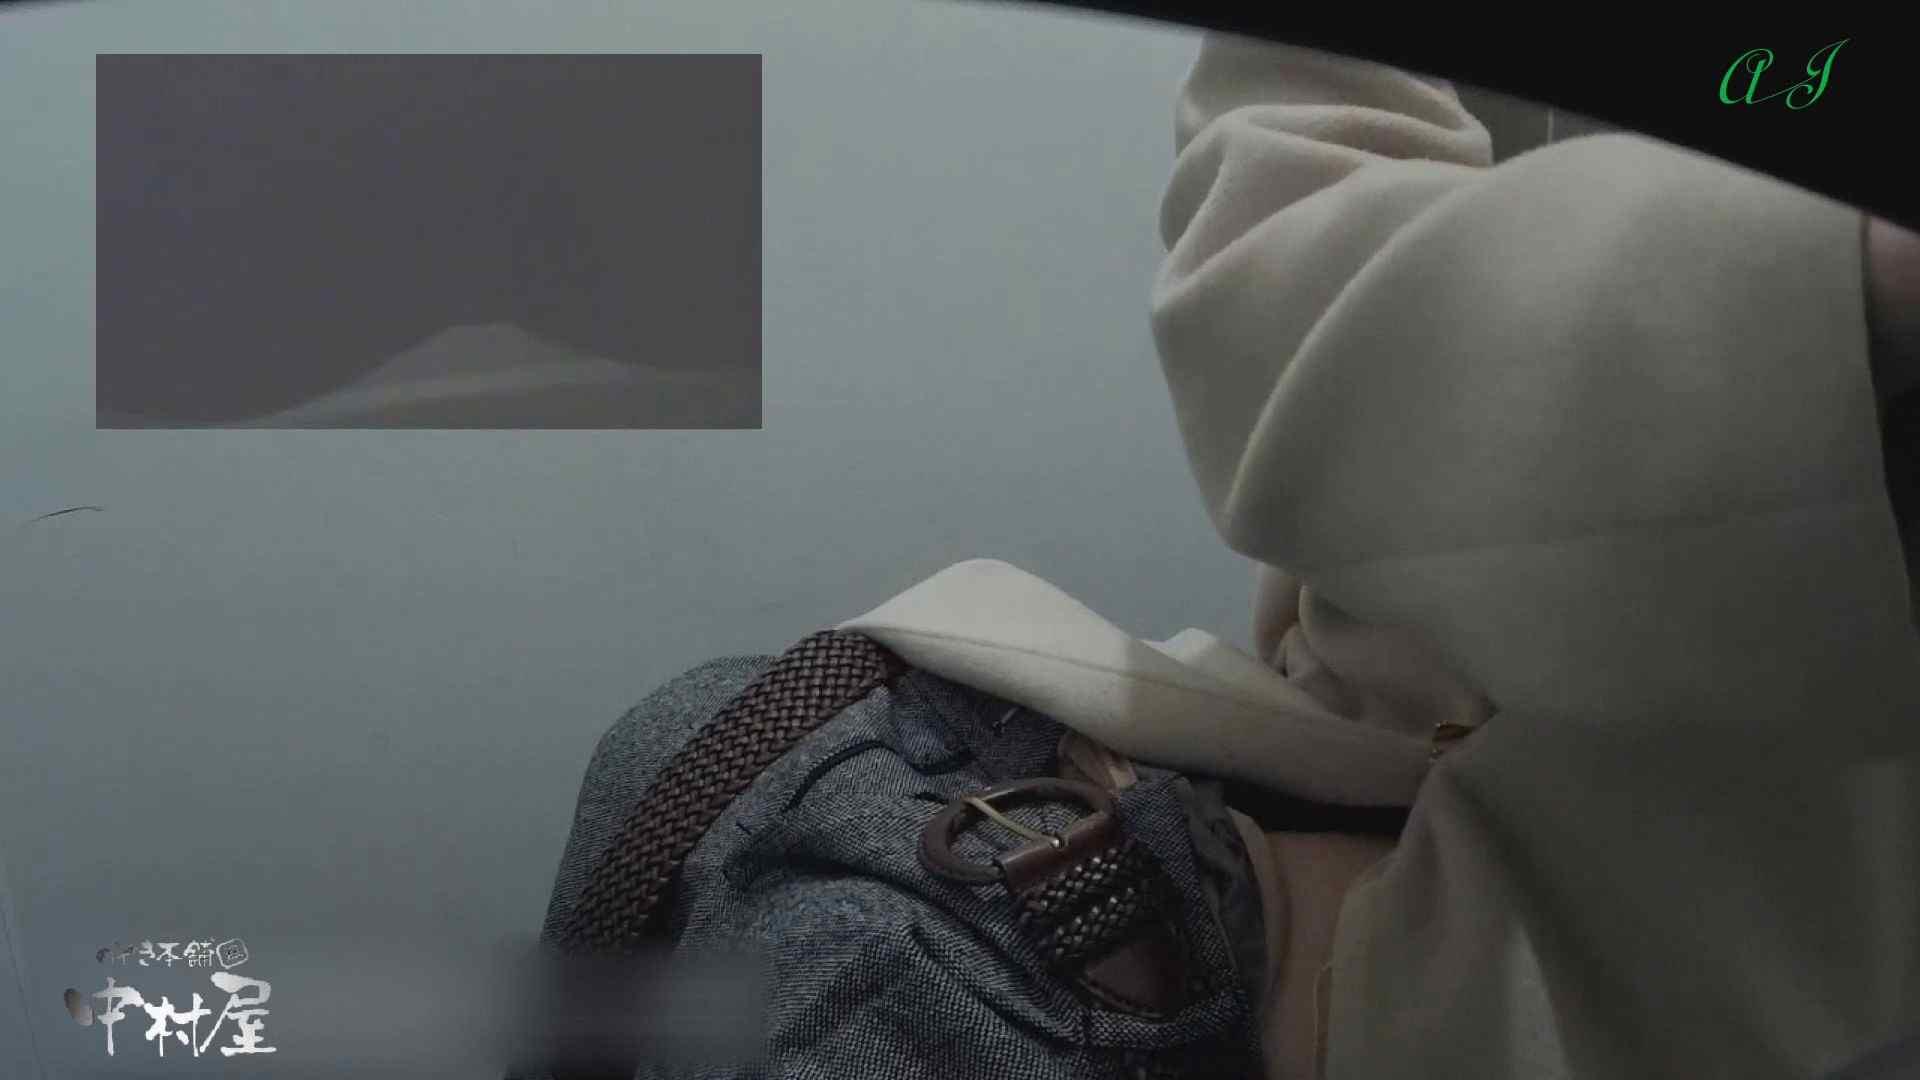 有名大学女性洗面所 vol.78 美女勢揃い 前編 人気シリーズ すけべAV動画紹介 105PIX 99